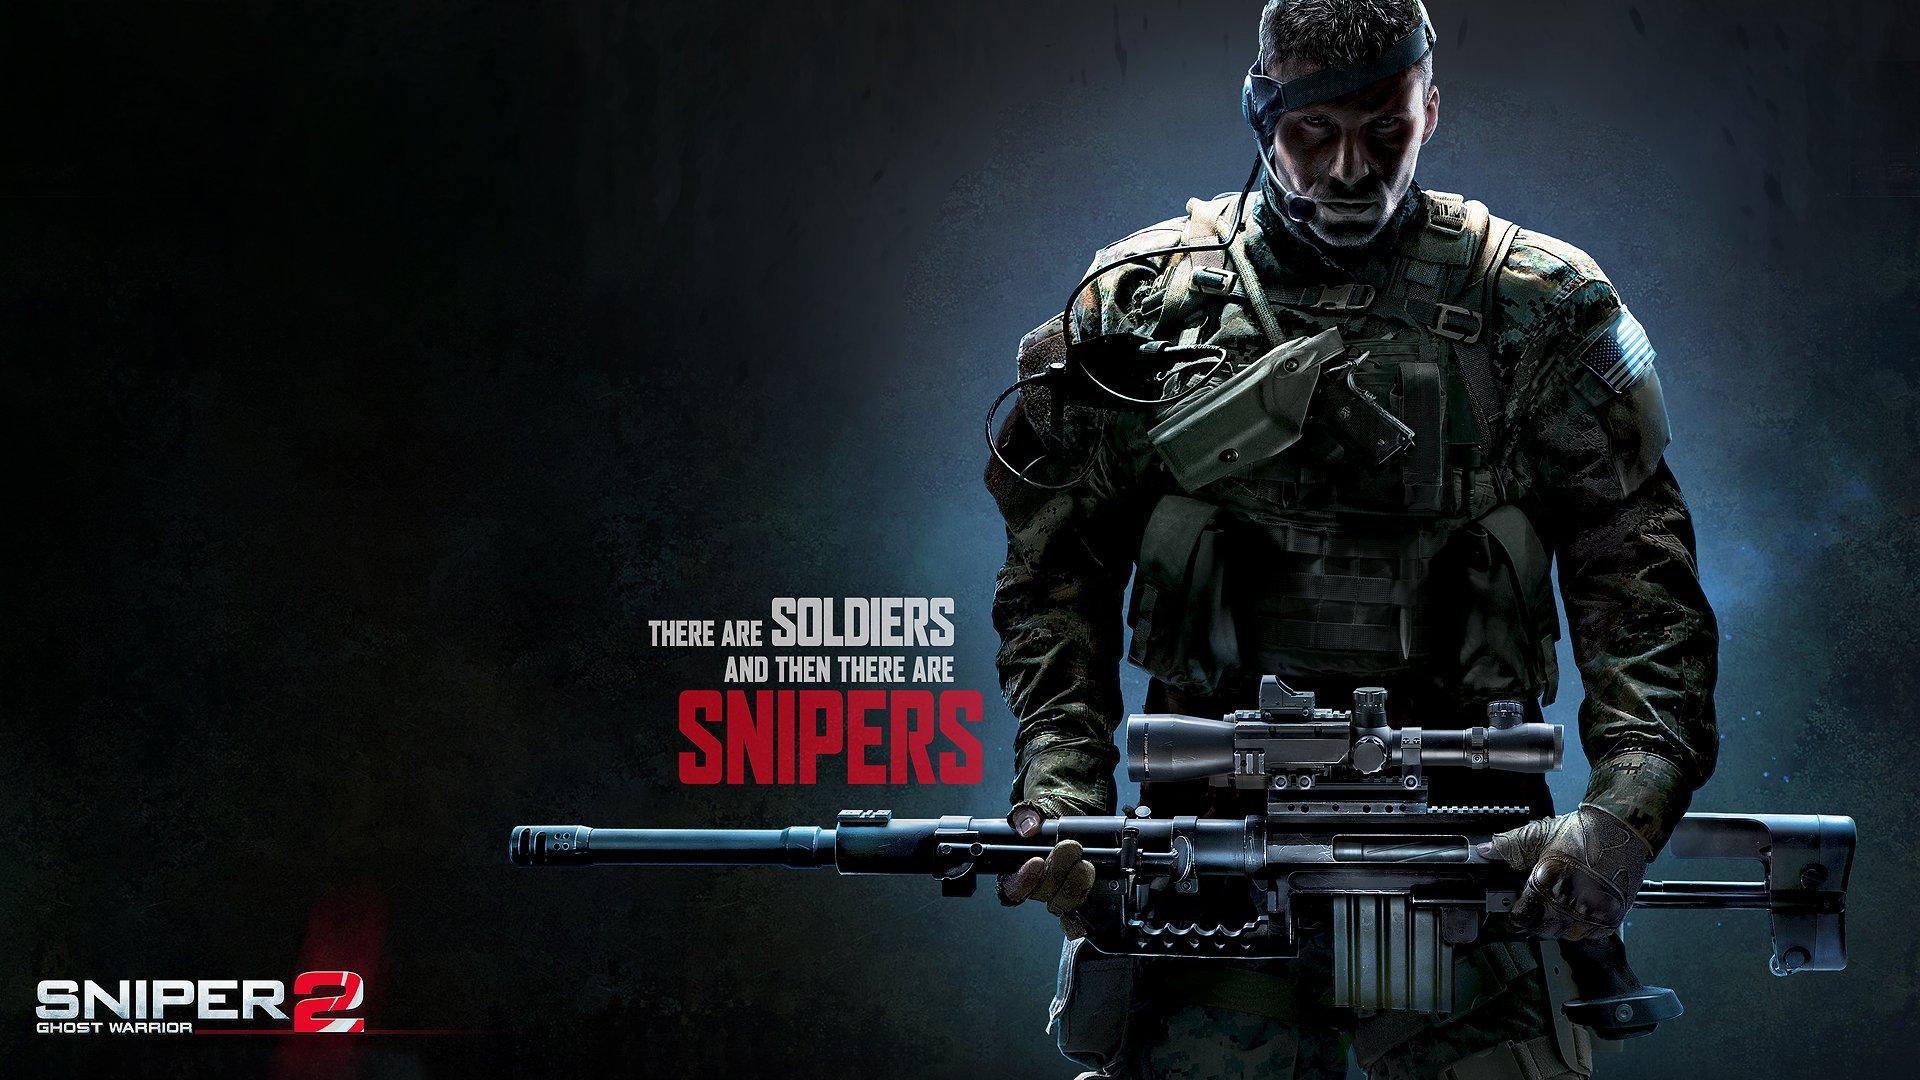 Sniper2 игра  № 2328154 загрузить